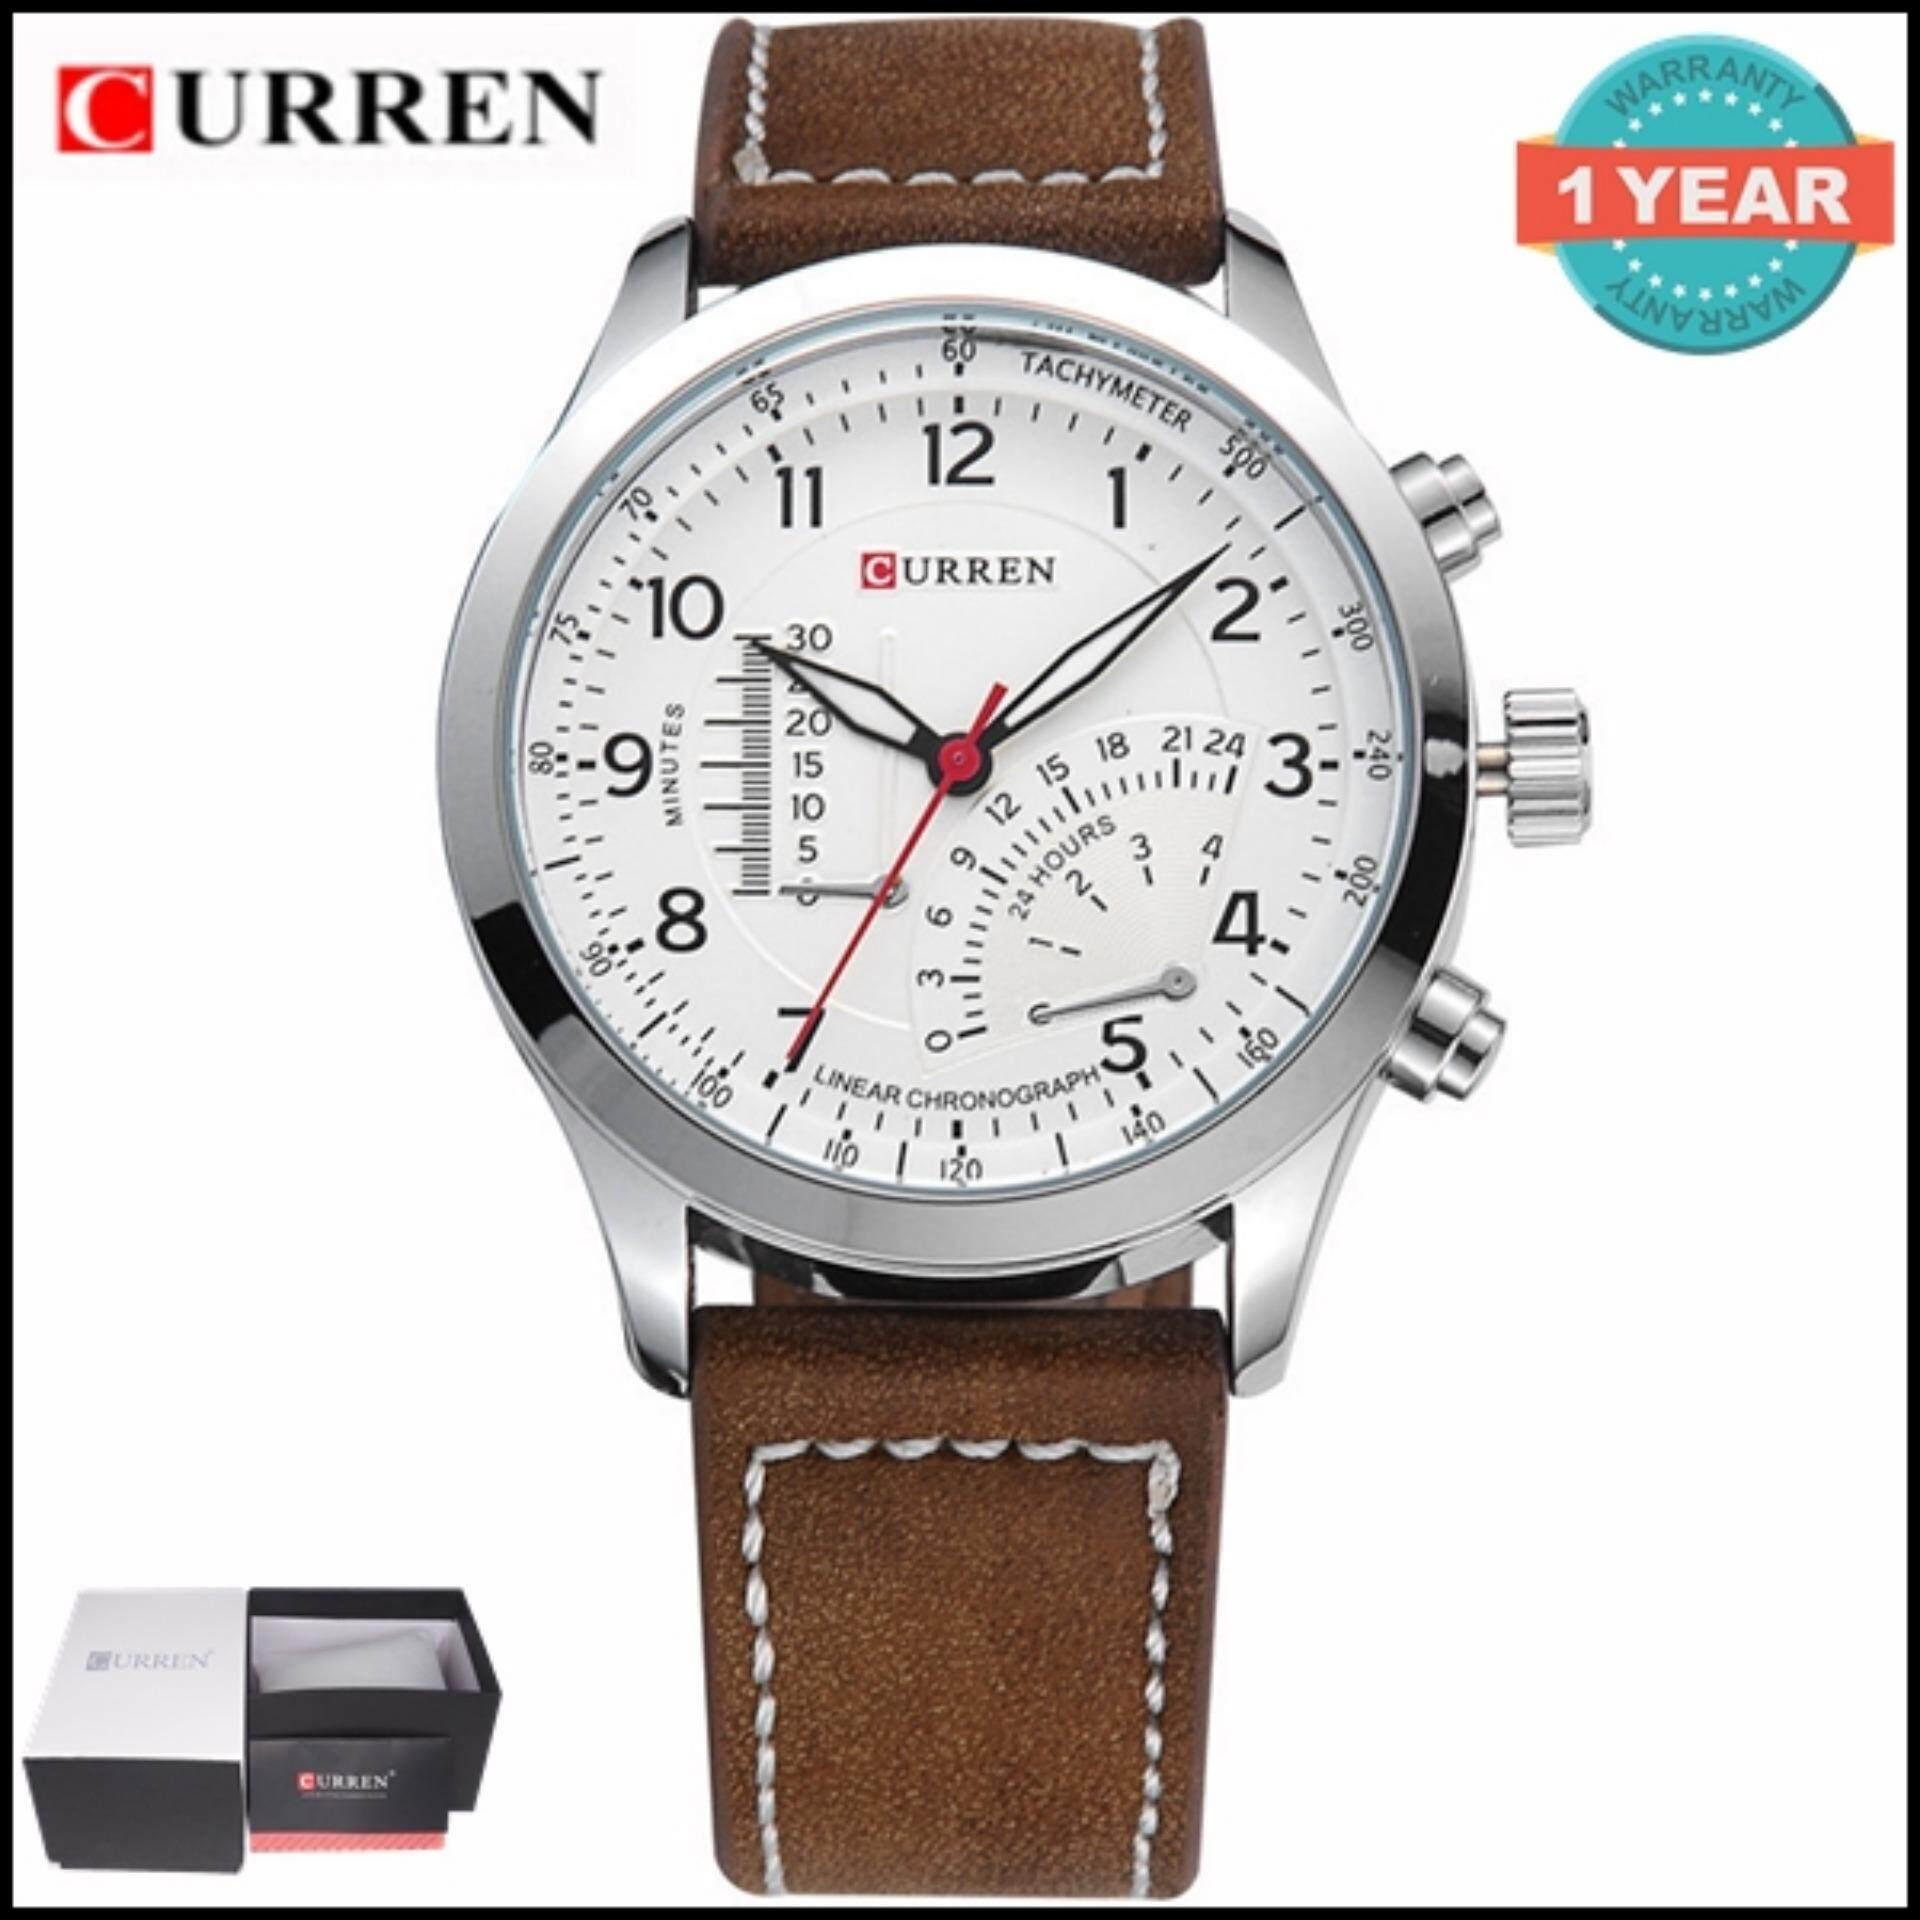 ราคา Curren นาฬิกาข้อมือสุภาพบุรุษ สีน้ำตาล สายหนัง รุ่น C8152 สมุทรปราการ